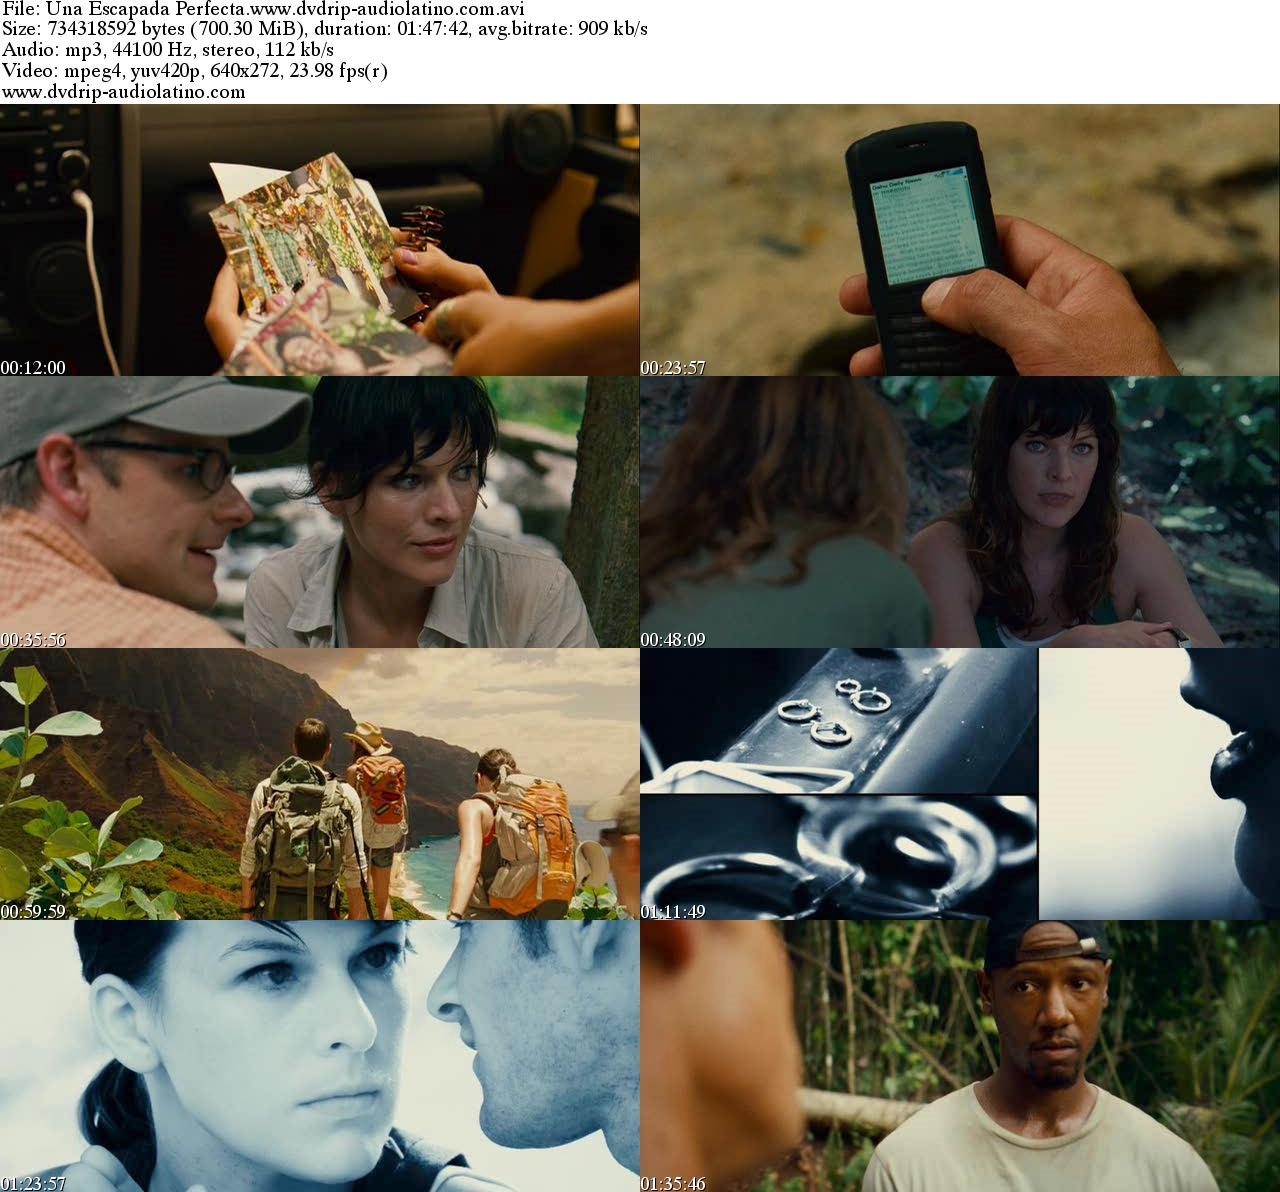 http://1.bp.blogspot.com/-RFwifa9NMJg/T94Go61ygDI/AAAAAAAAEX4/IvhHIUSEuDA/s1600/Una+Escapada+Perfecta.www.dvdrip-audiolatino.com_s+(1).jpg